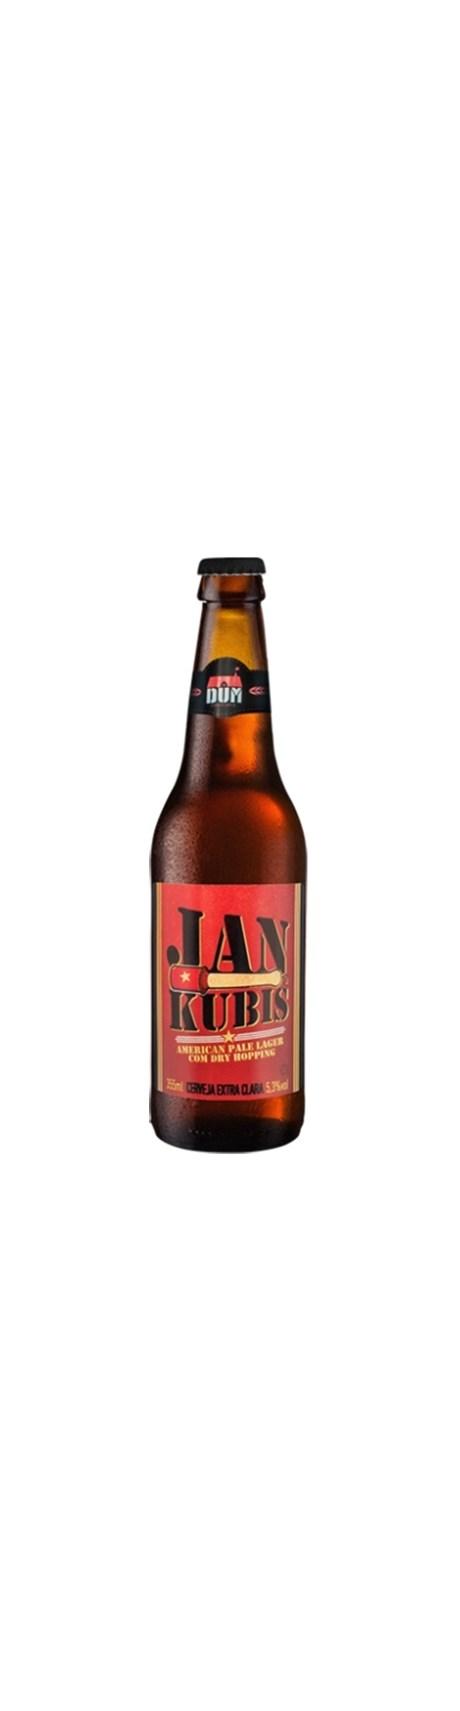 Dum Jan Kubis